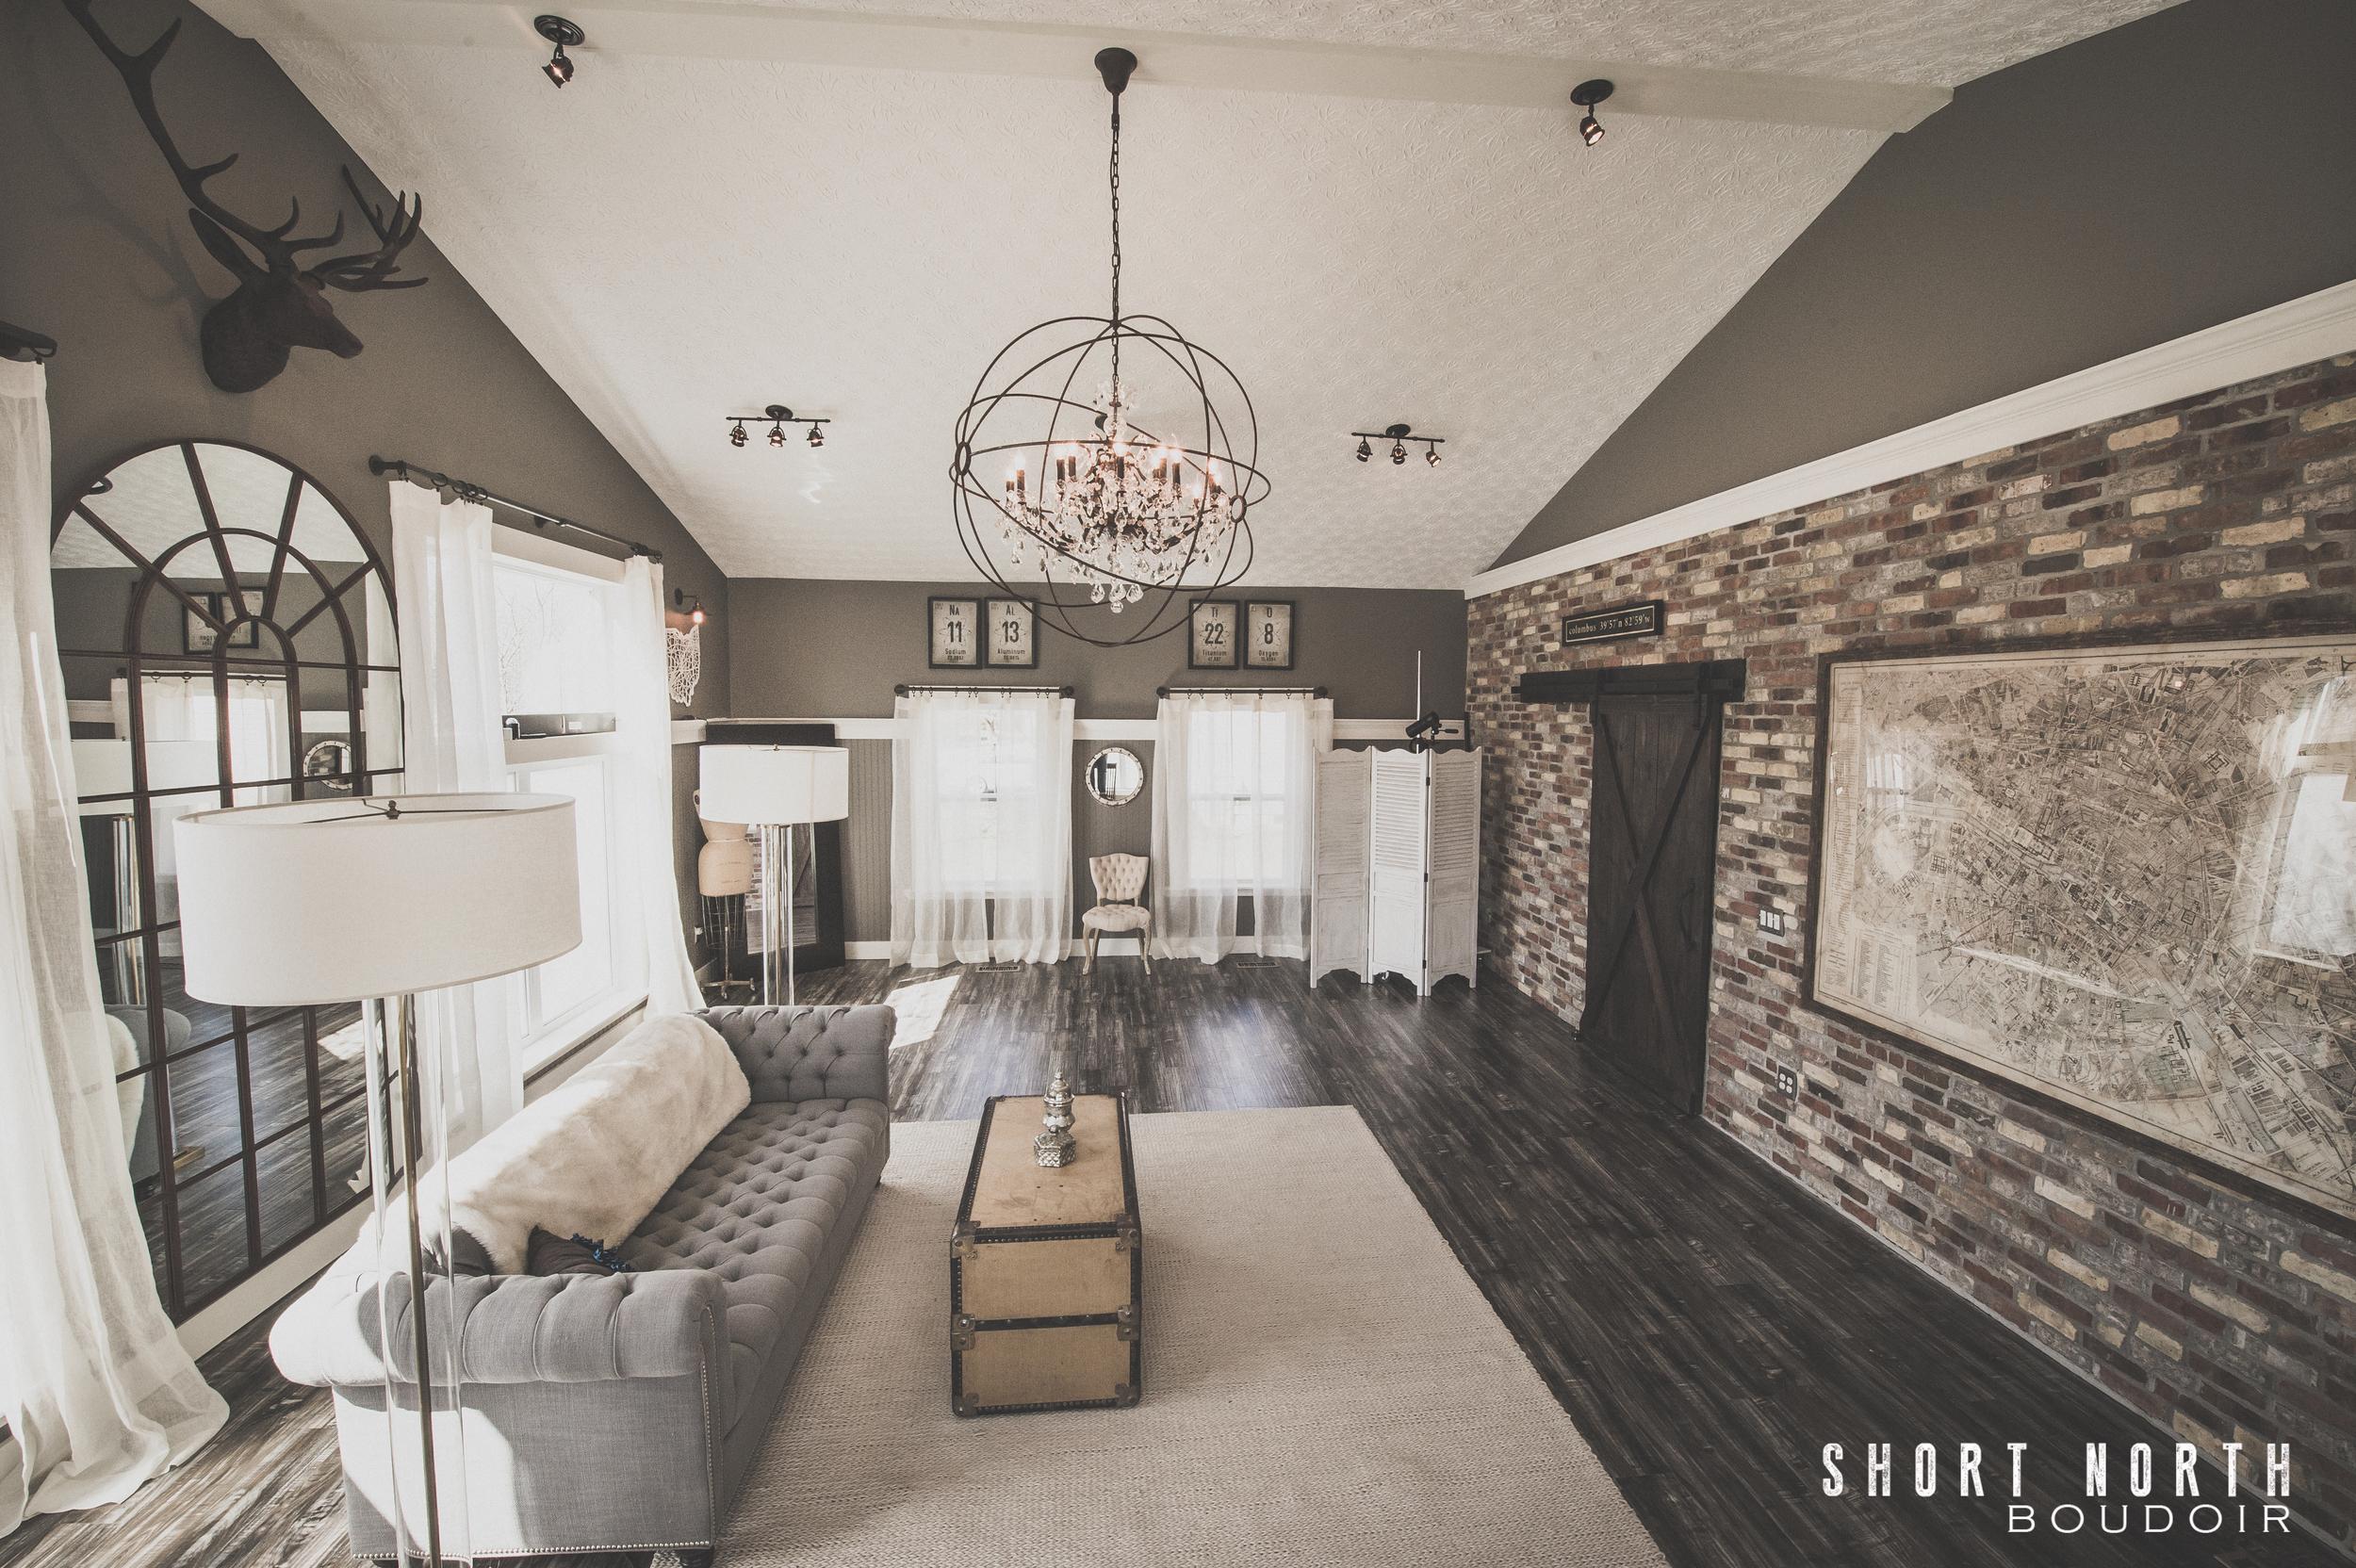 studio boudoir-2.jpg